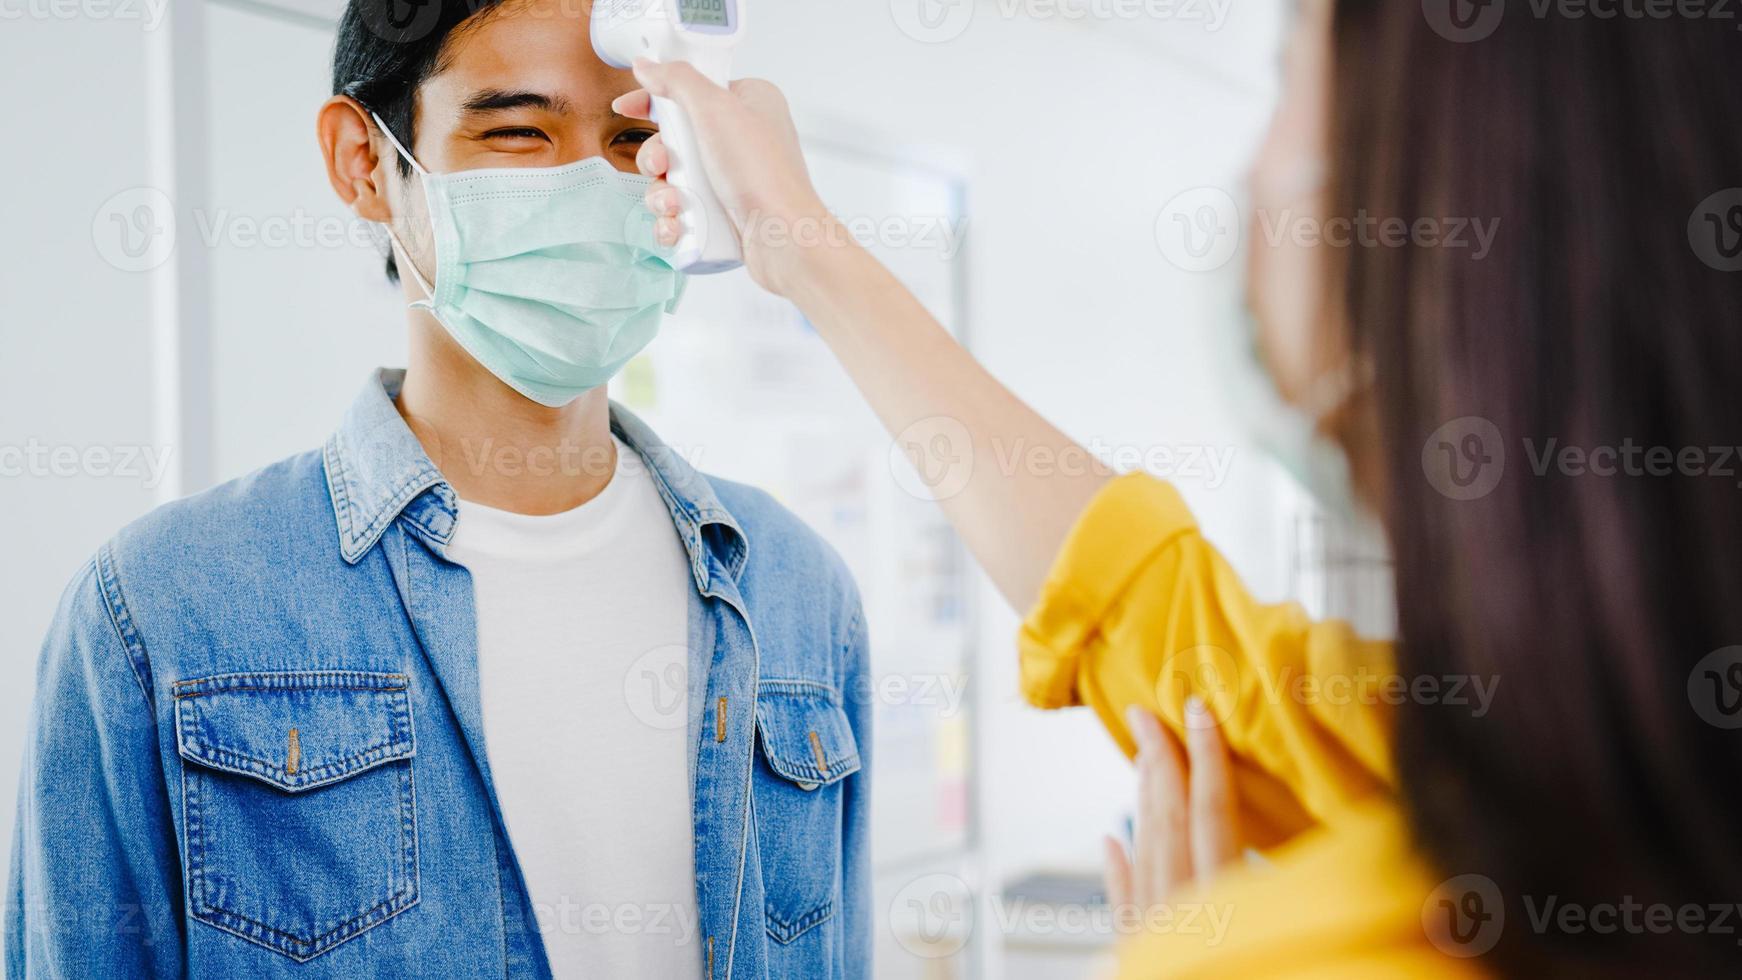 azië vrouwelijke receptioniste die een beschermend gezichtsmasker draagt, gebruik een infraroodthermometercontrole of een temperatuurpistool op het voorhoofd van de klant voordat u het kantoor binnengaat. levensstijl nieuw normaal na corona virus. foto